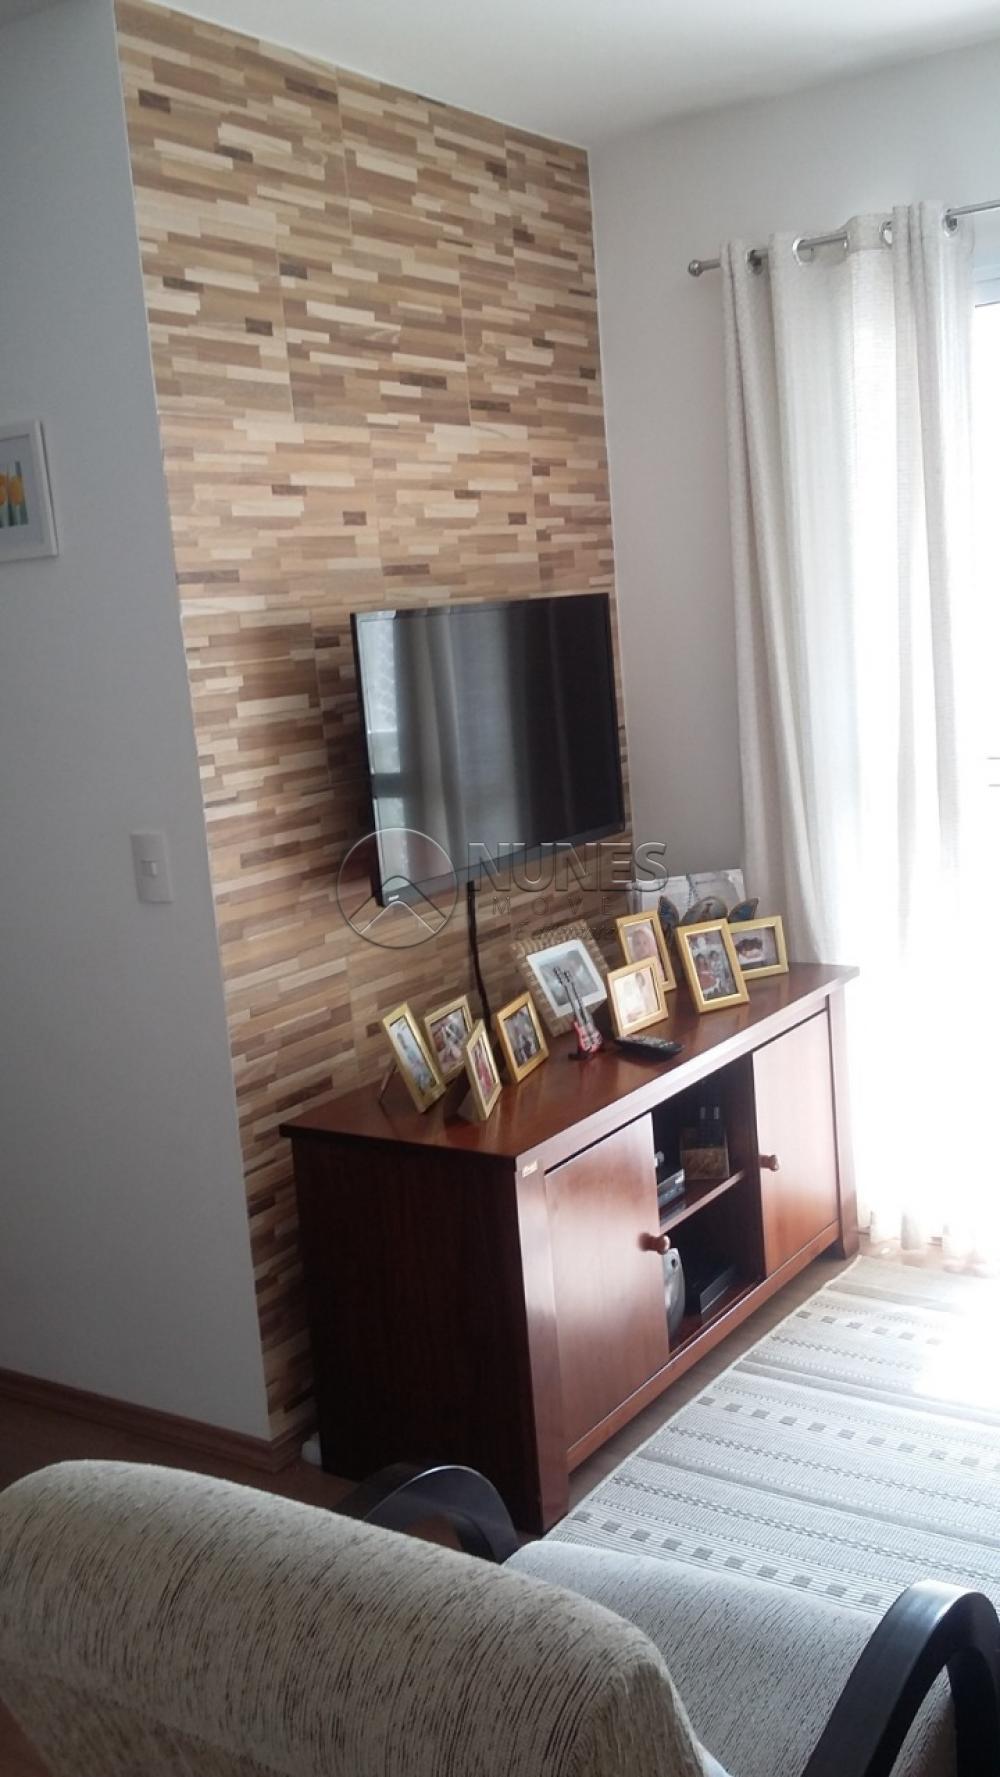 Comprar Apartamento / Padrão em Cotia R$ 215.000,00 - Foto 4